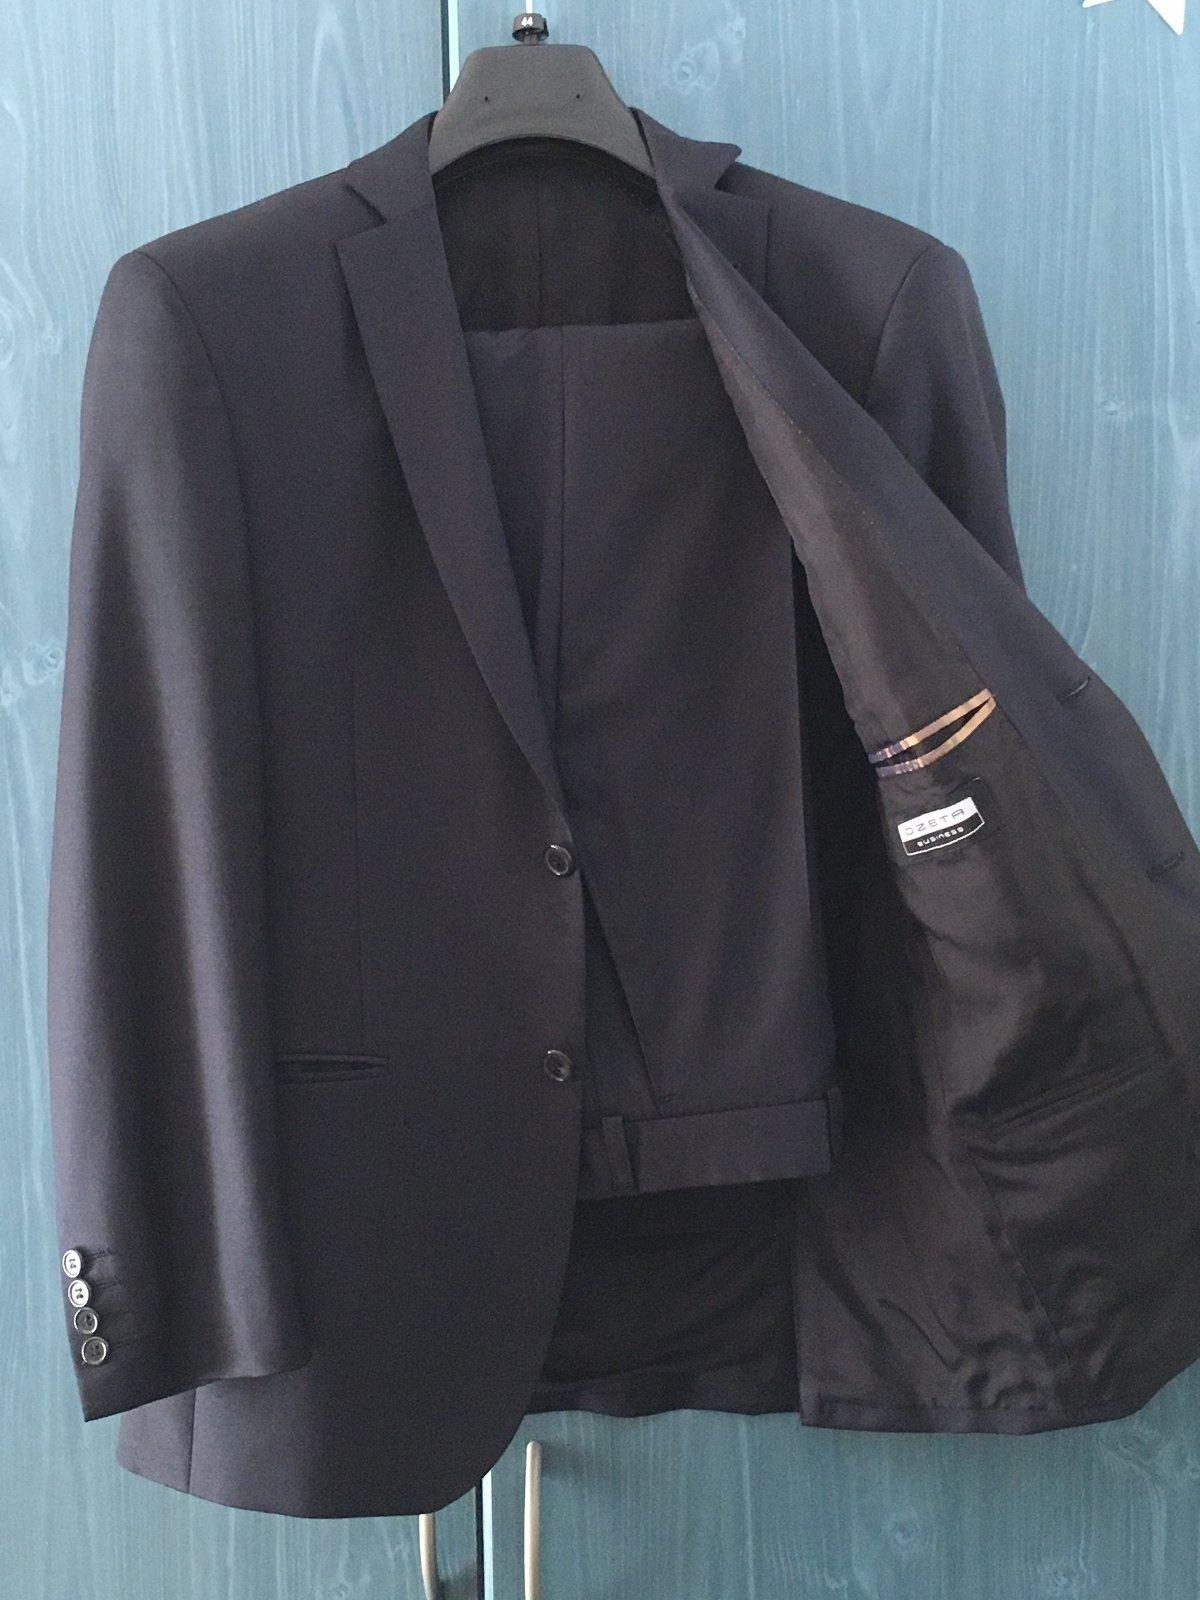 fc349cfdbe28 Značkový oblek ozeta